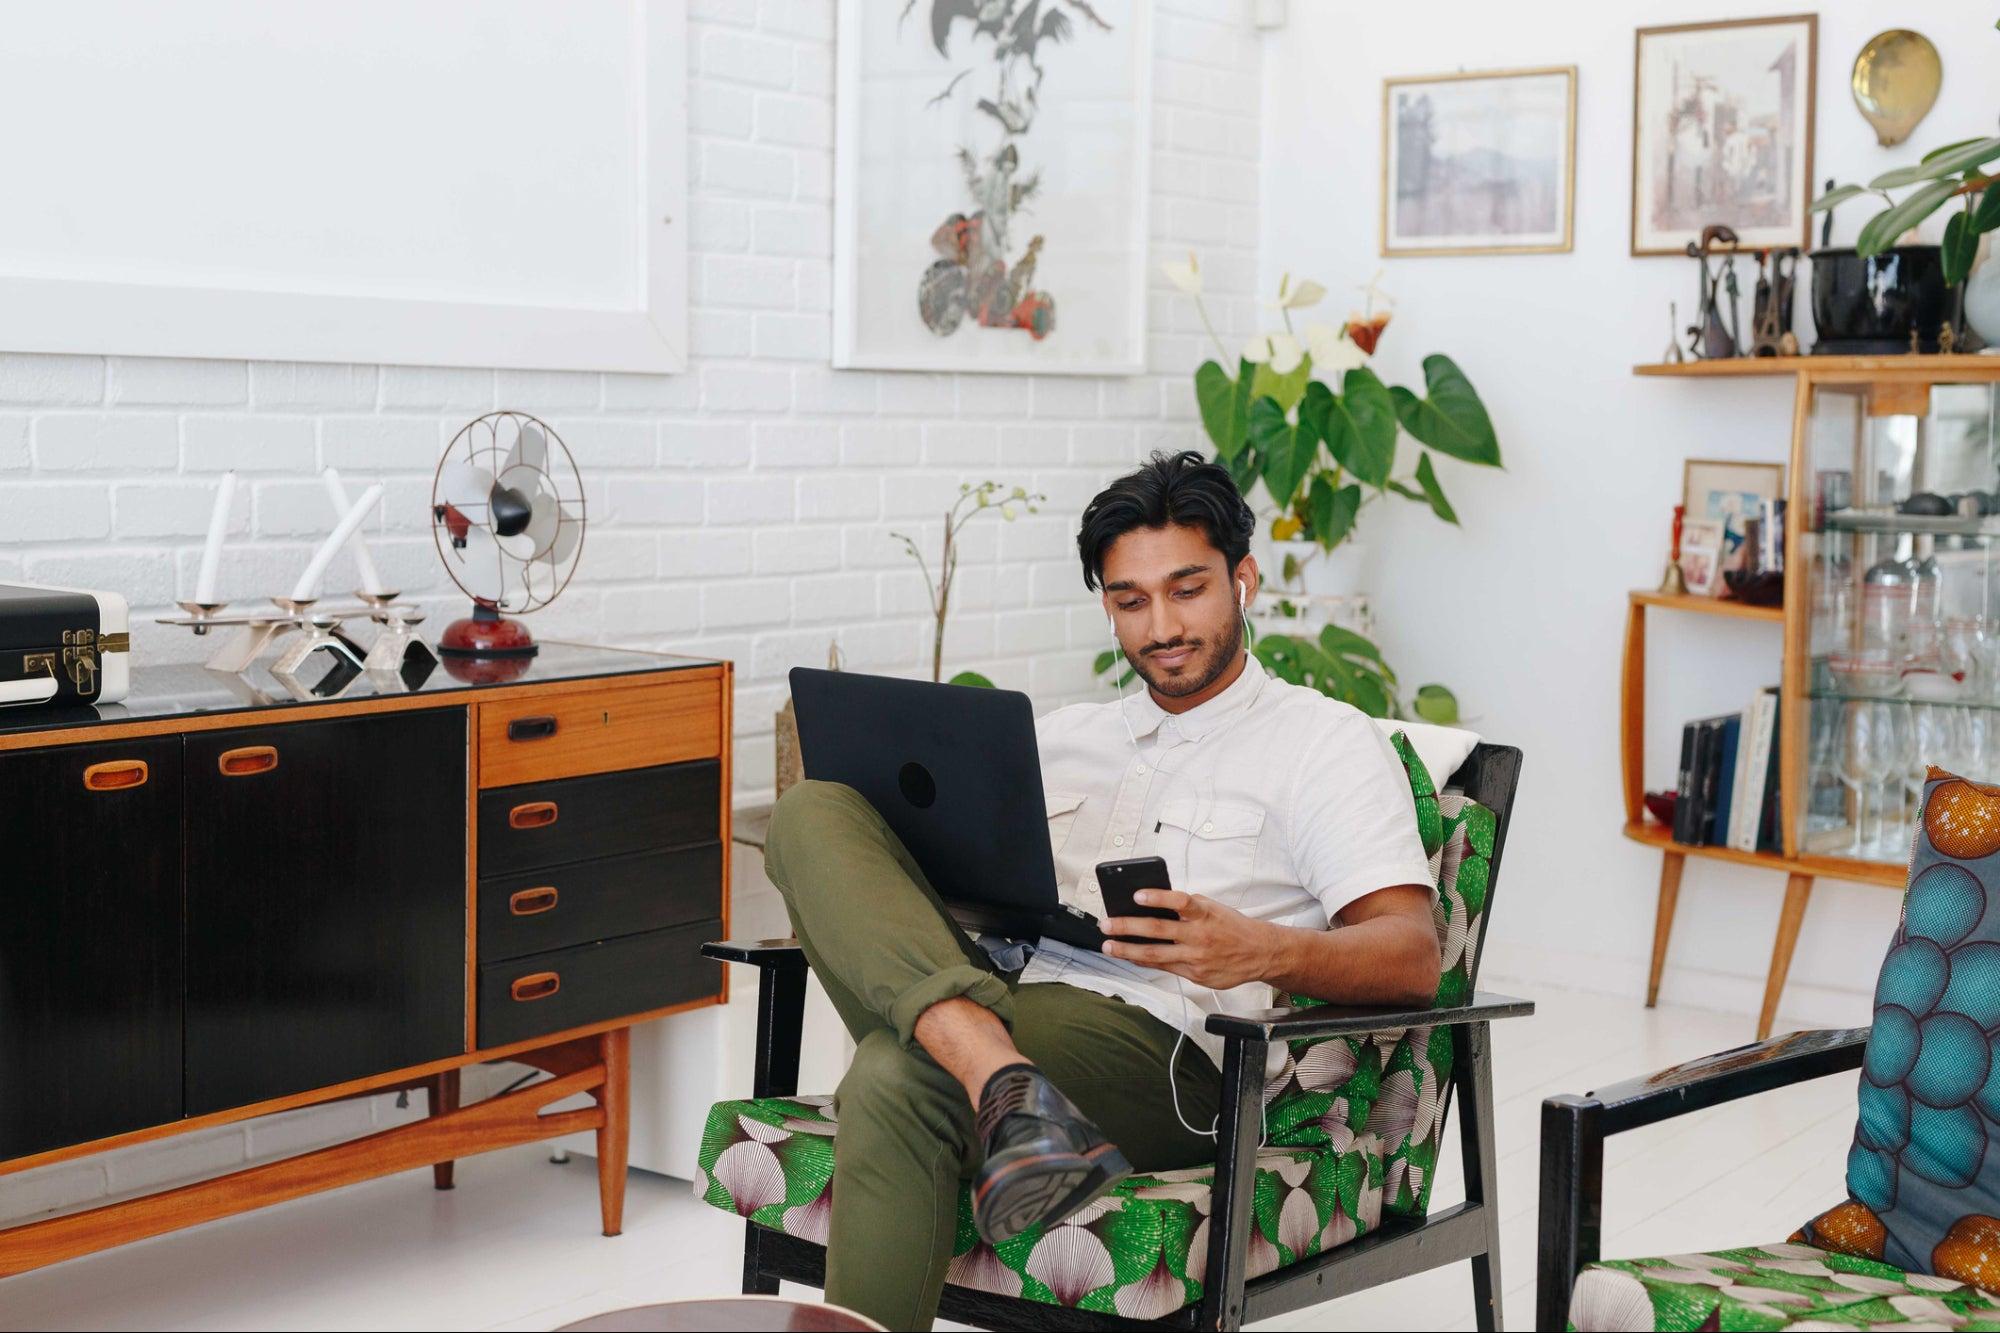 9 Reasons to Start an Online Side Hustle in 2020